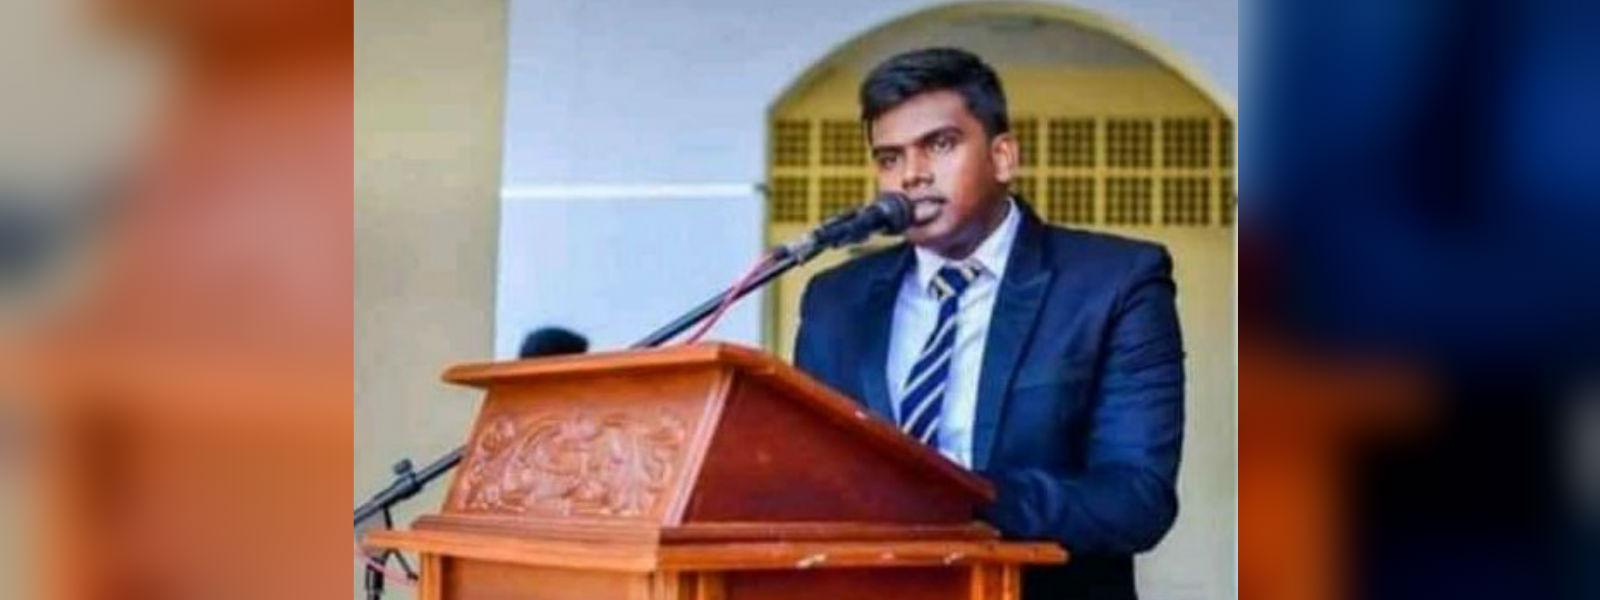 J'pura University student still in critical condition